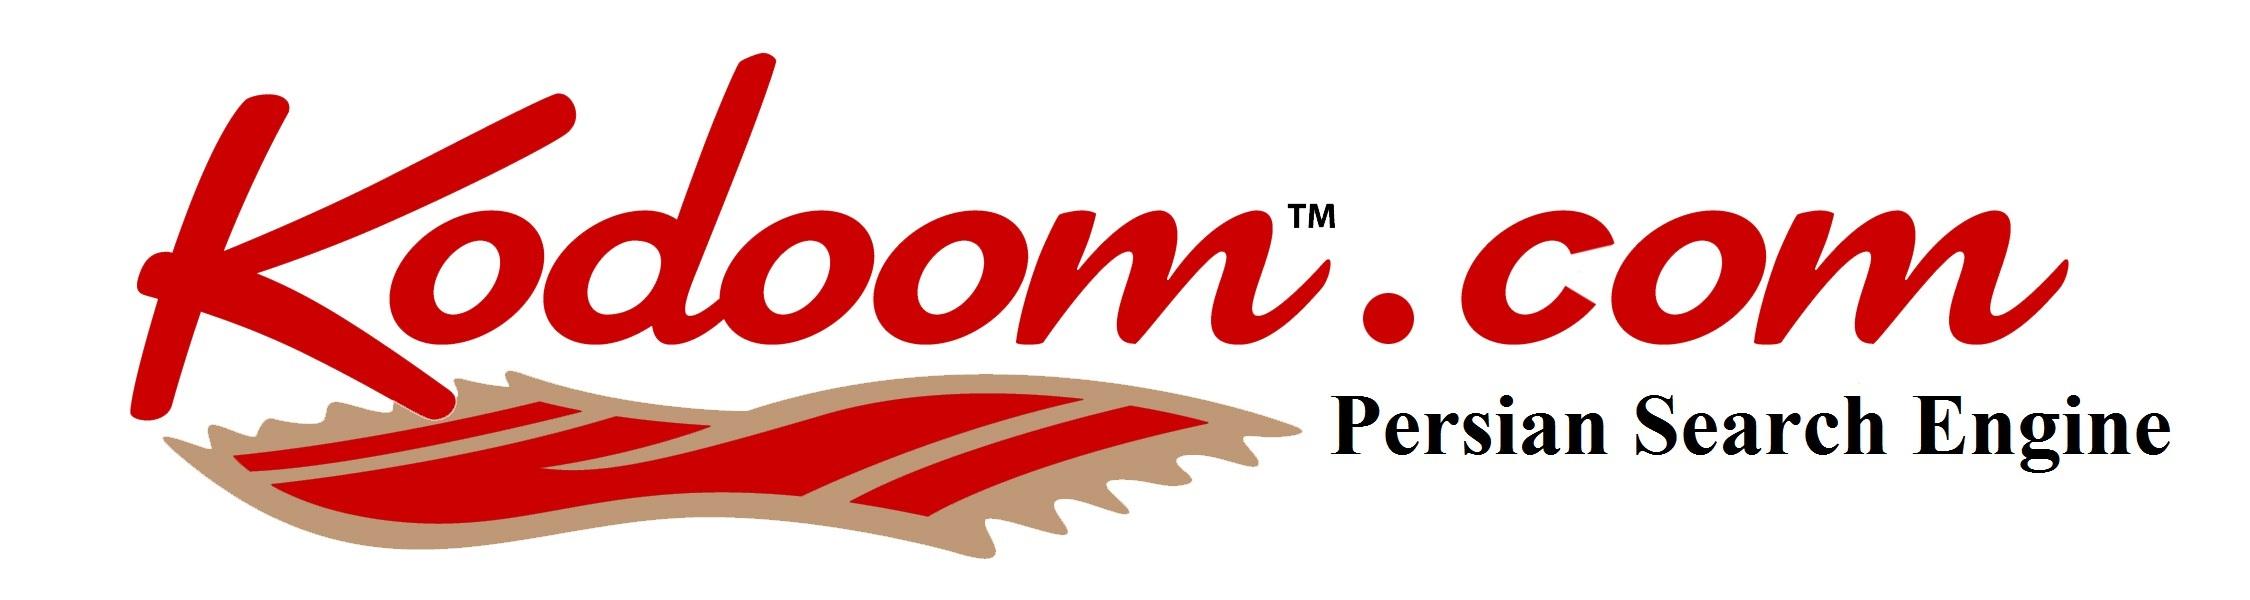 Kodoom